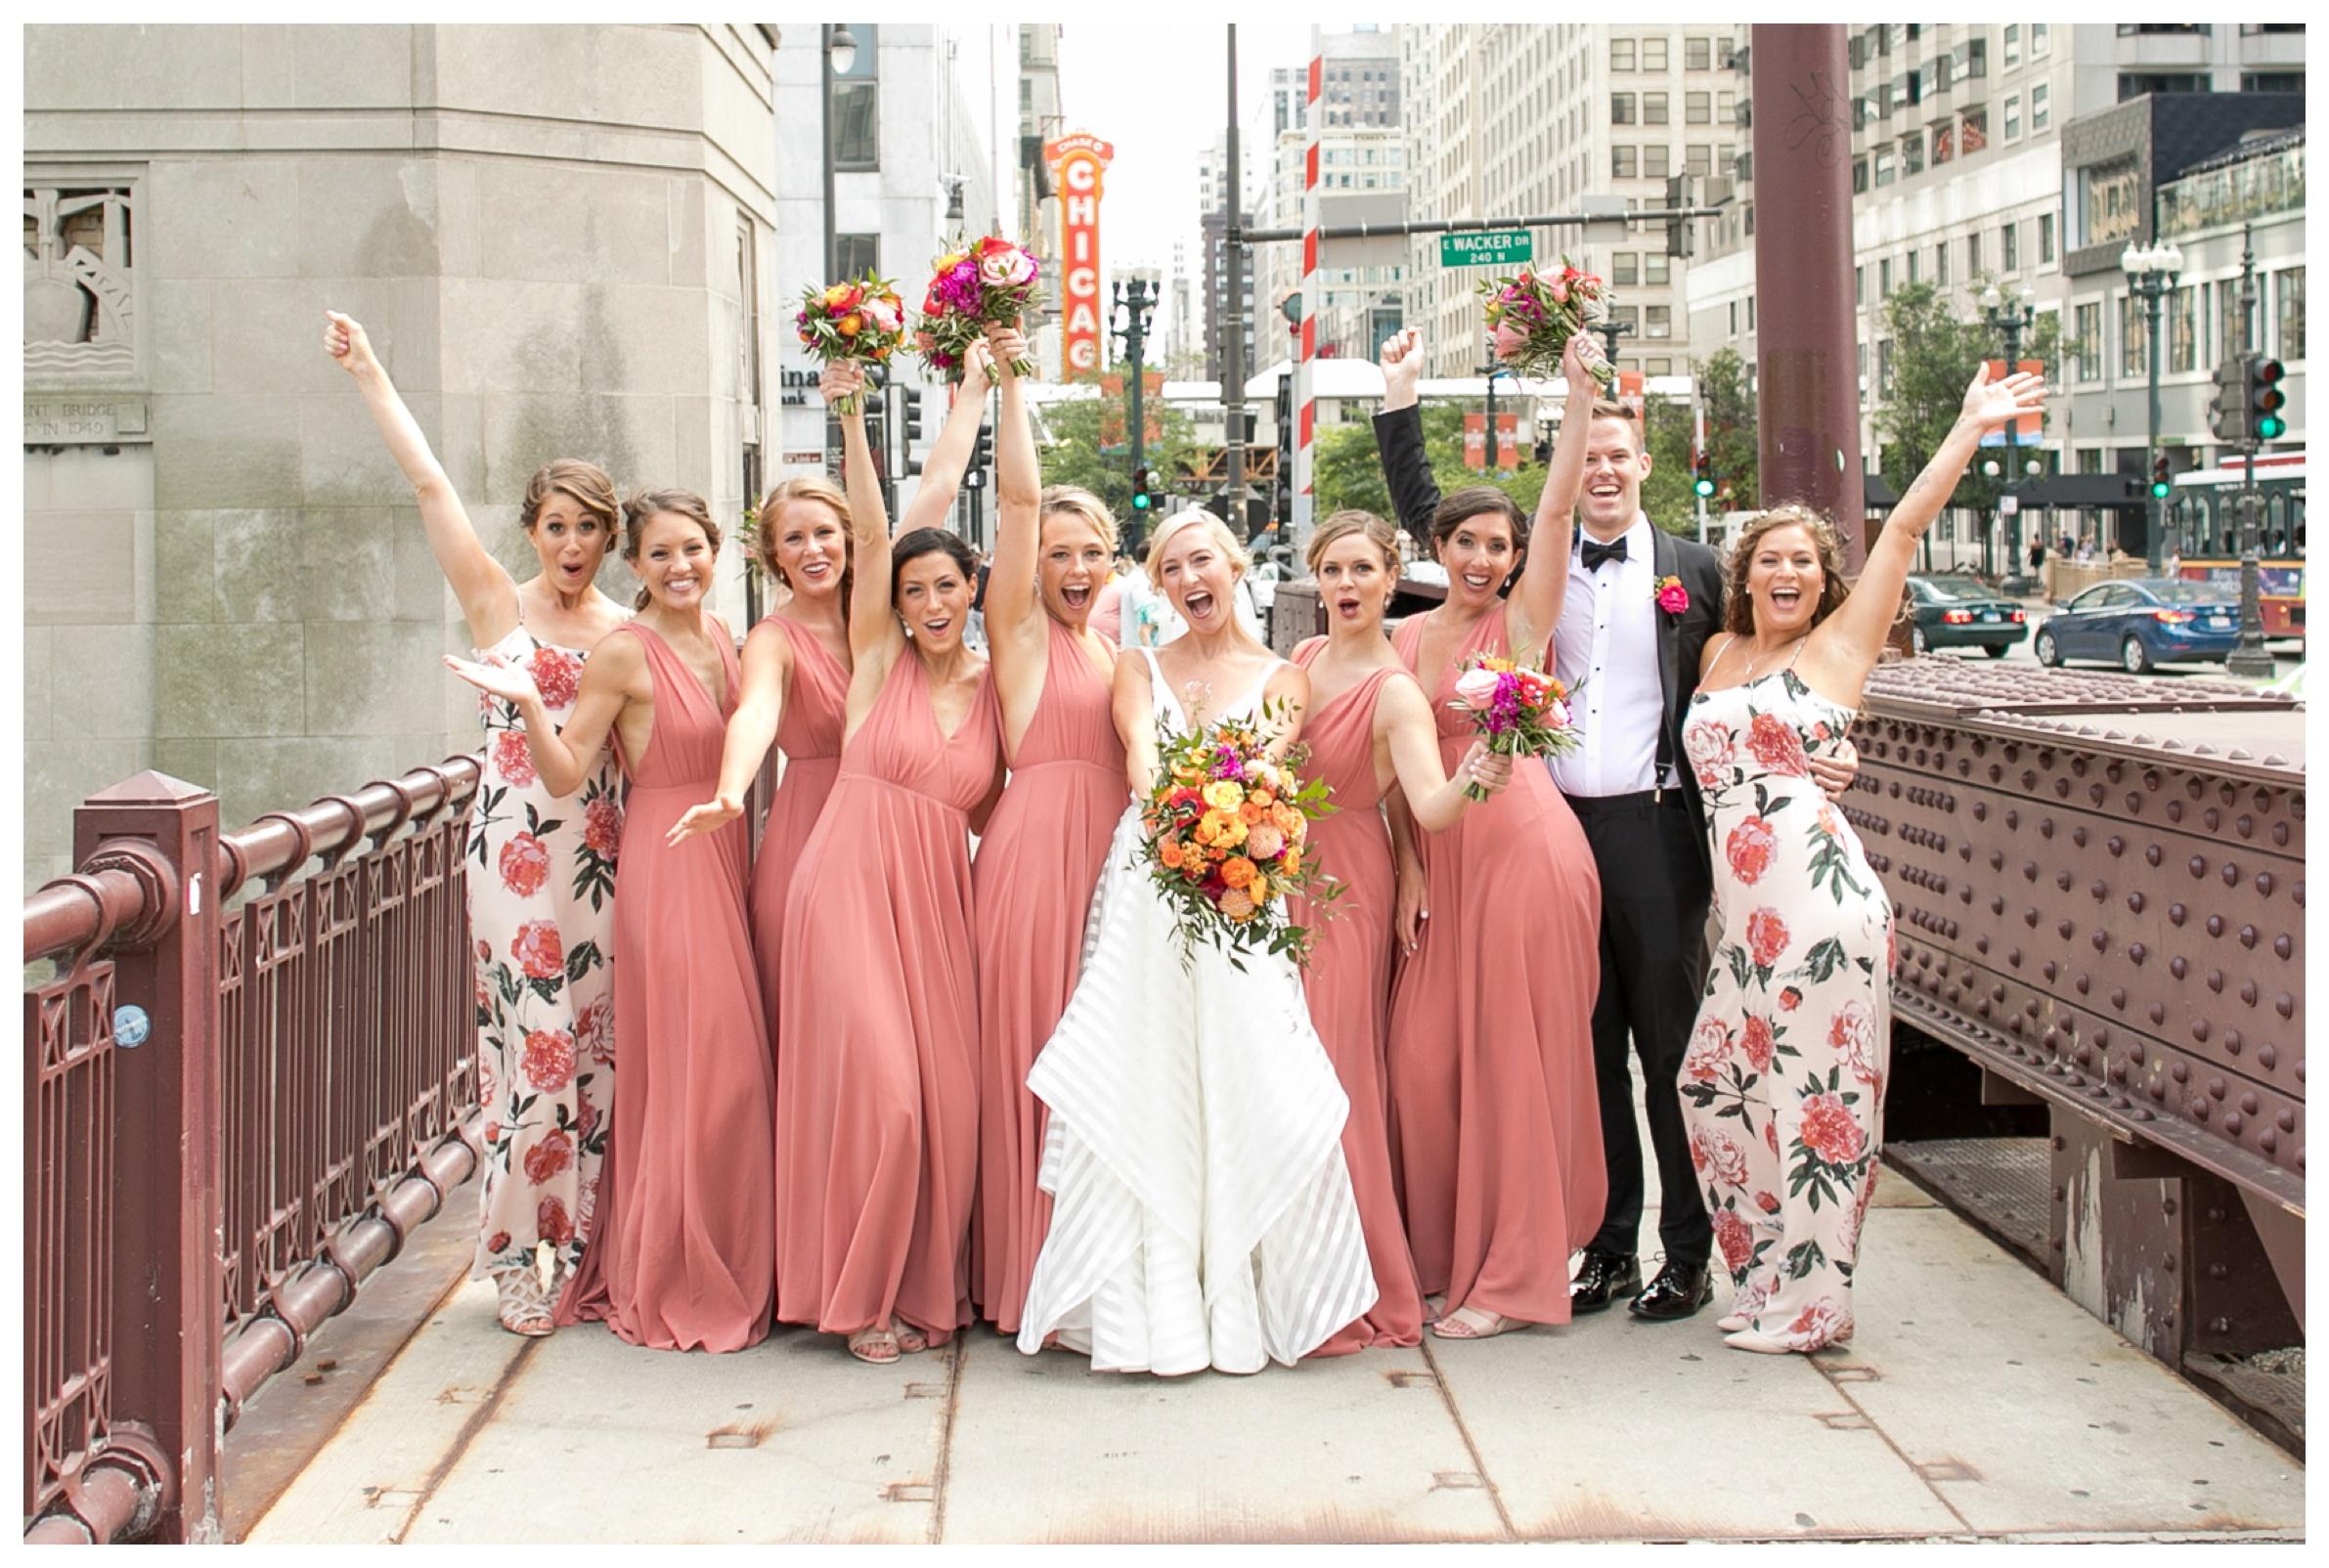 chicago-bridges-wedding-photos